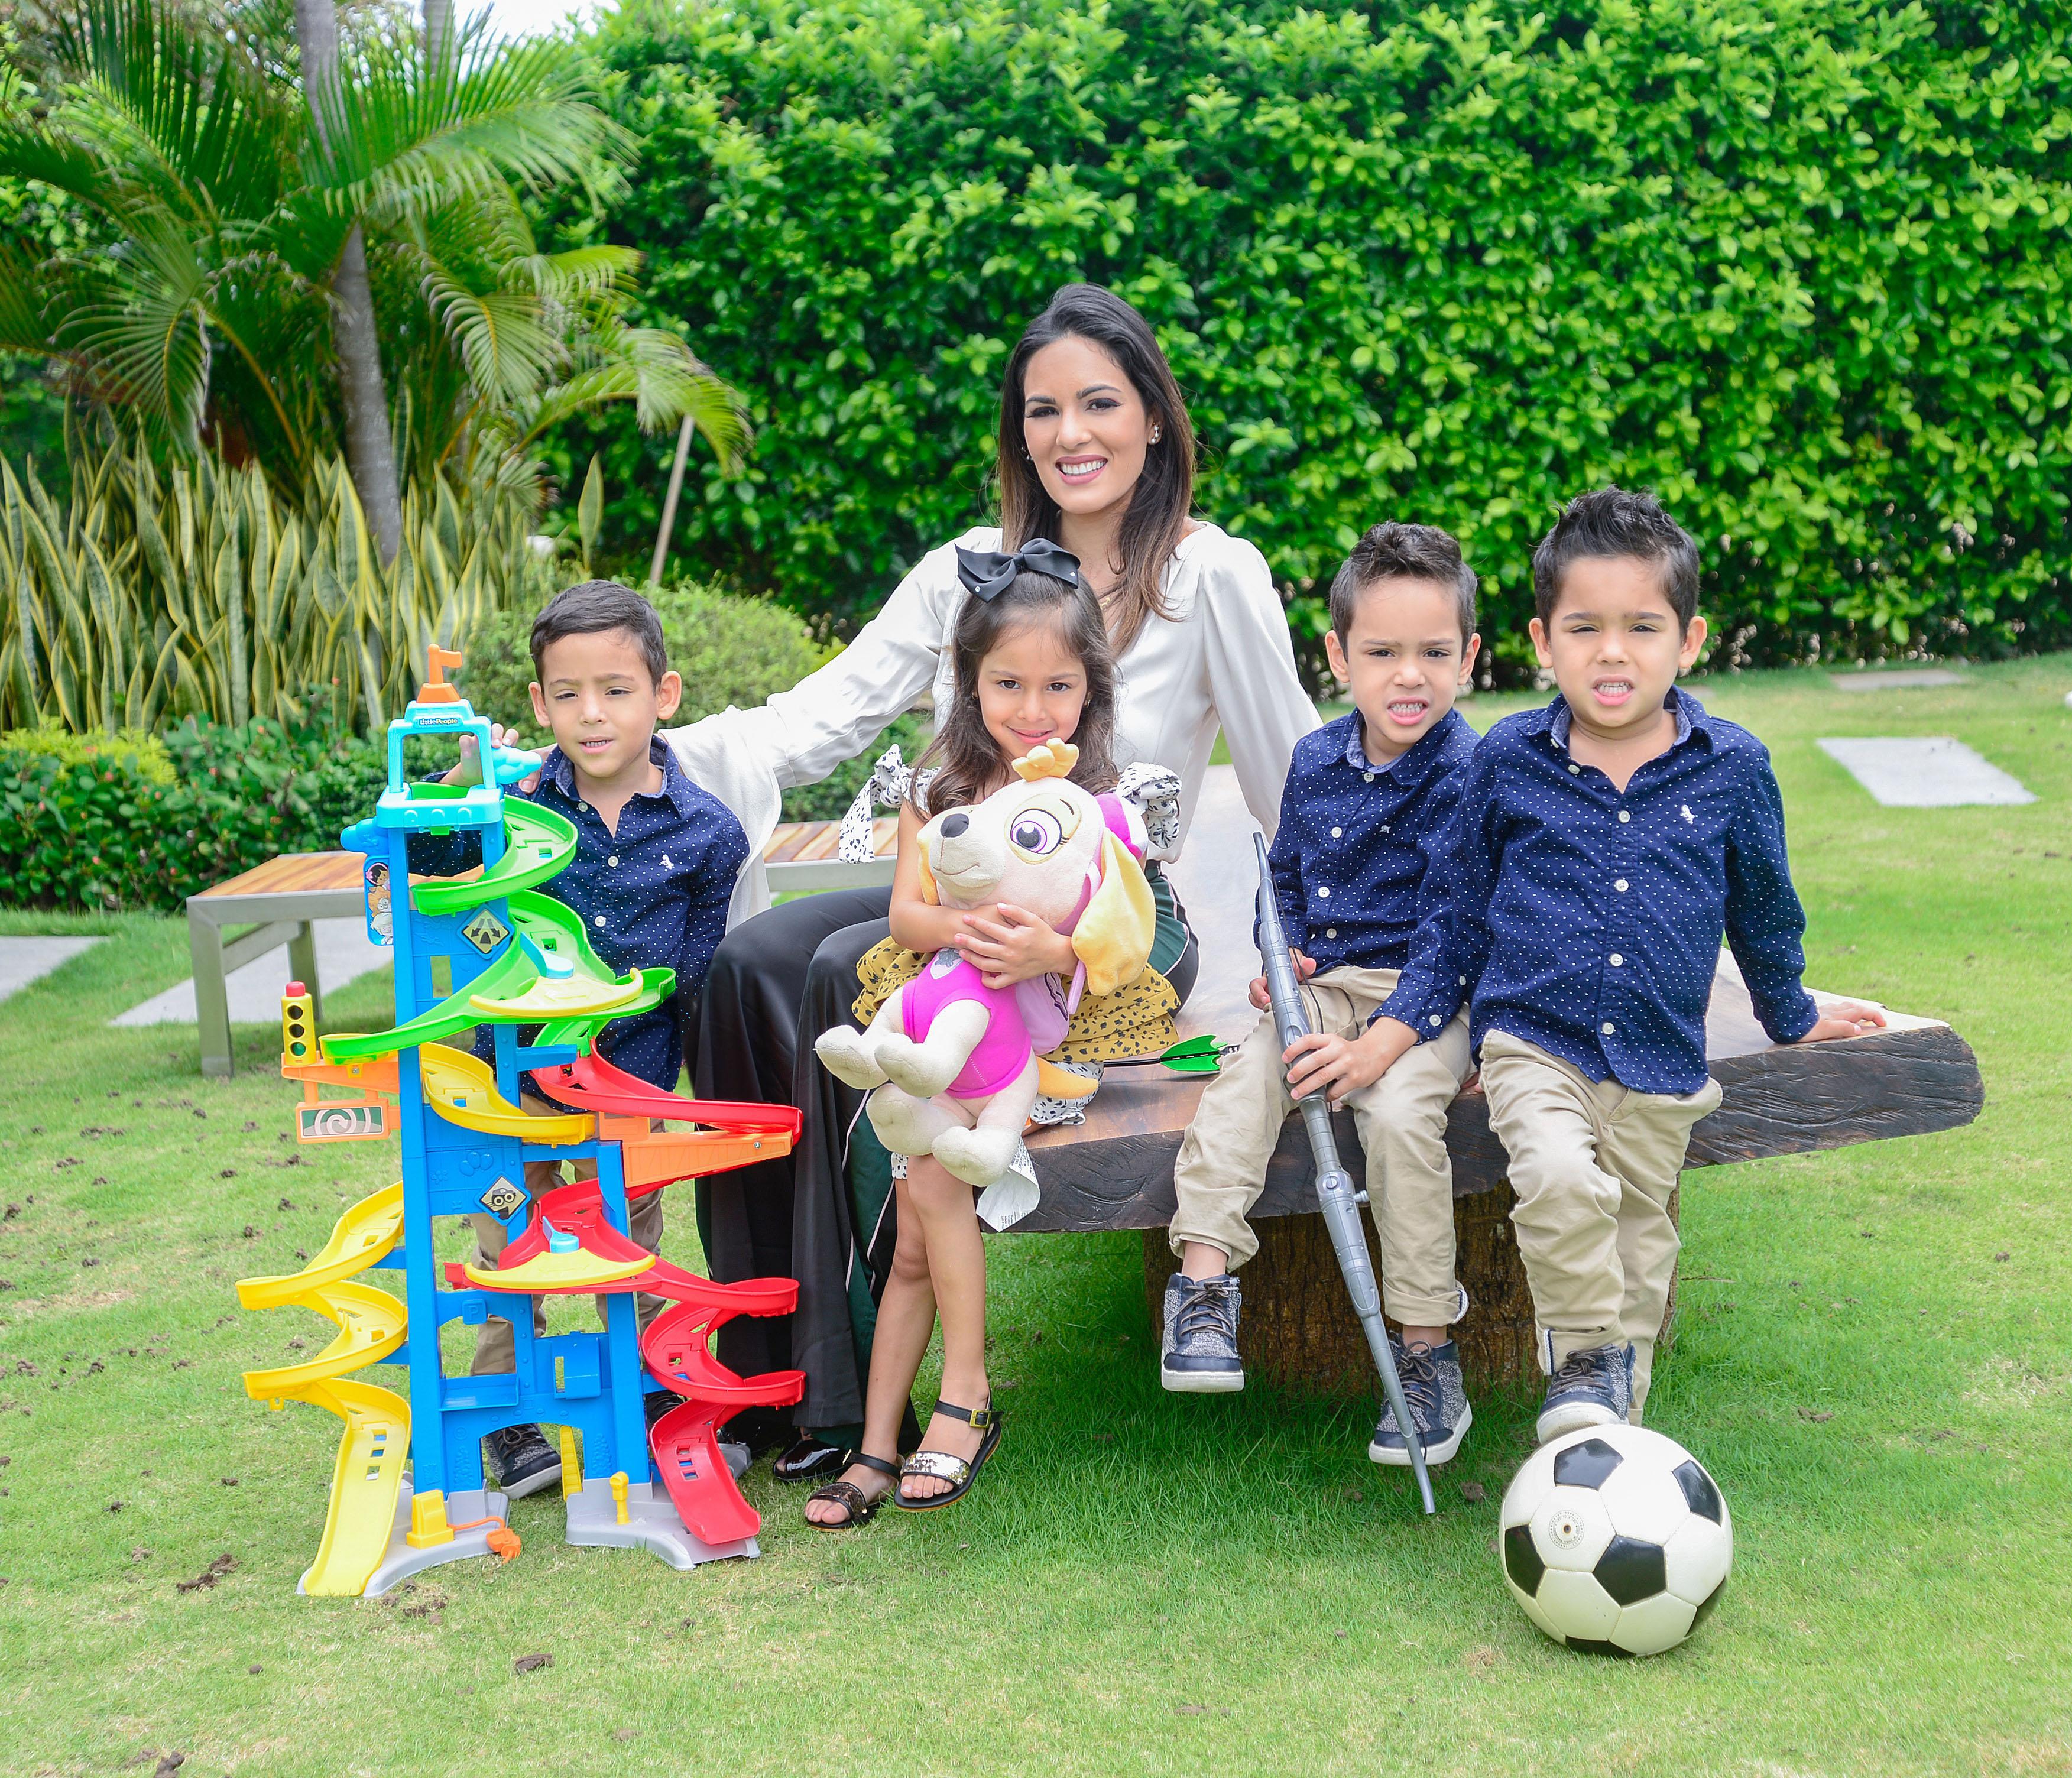 Para ella cada uno de sus hijos es un regalo de Dios.